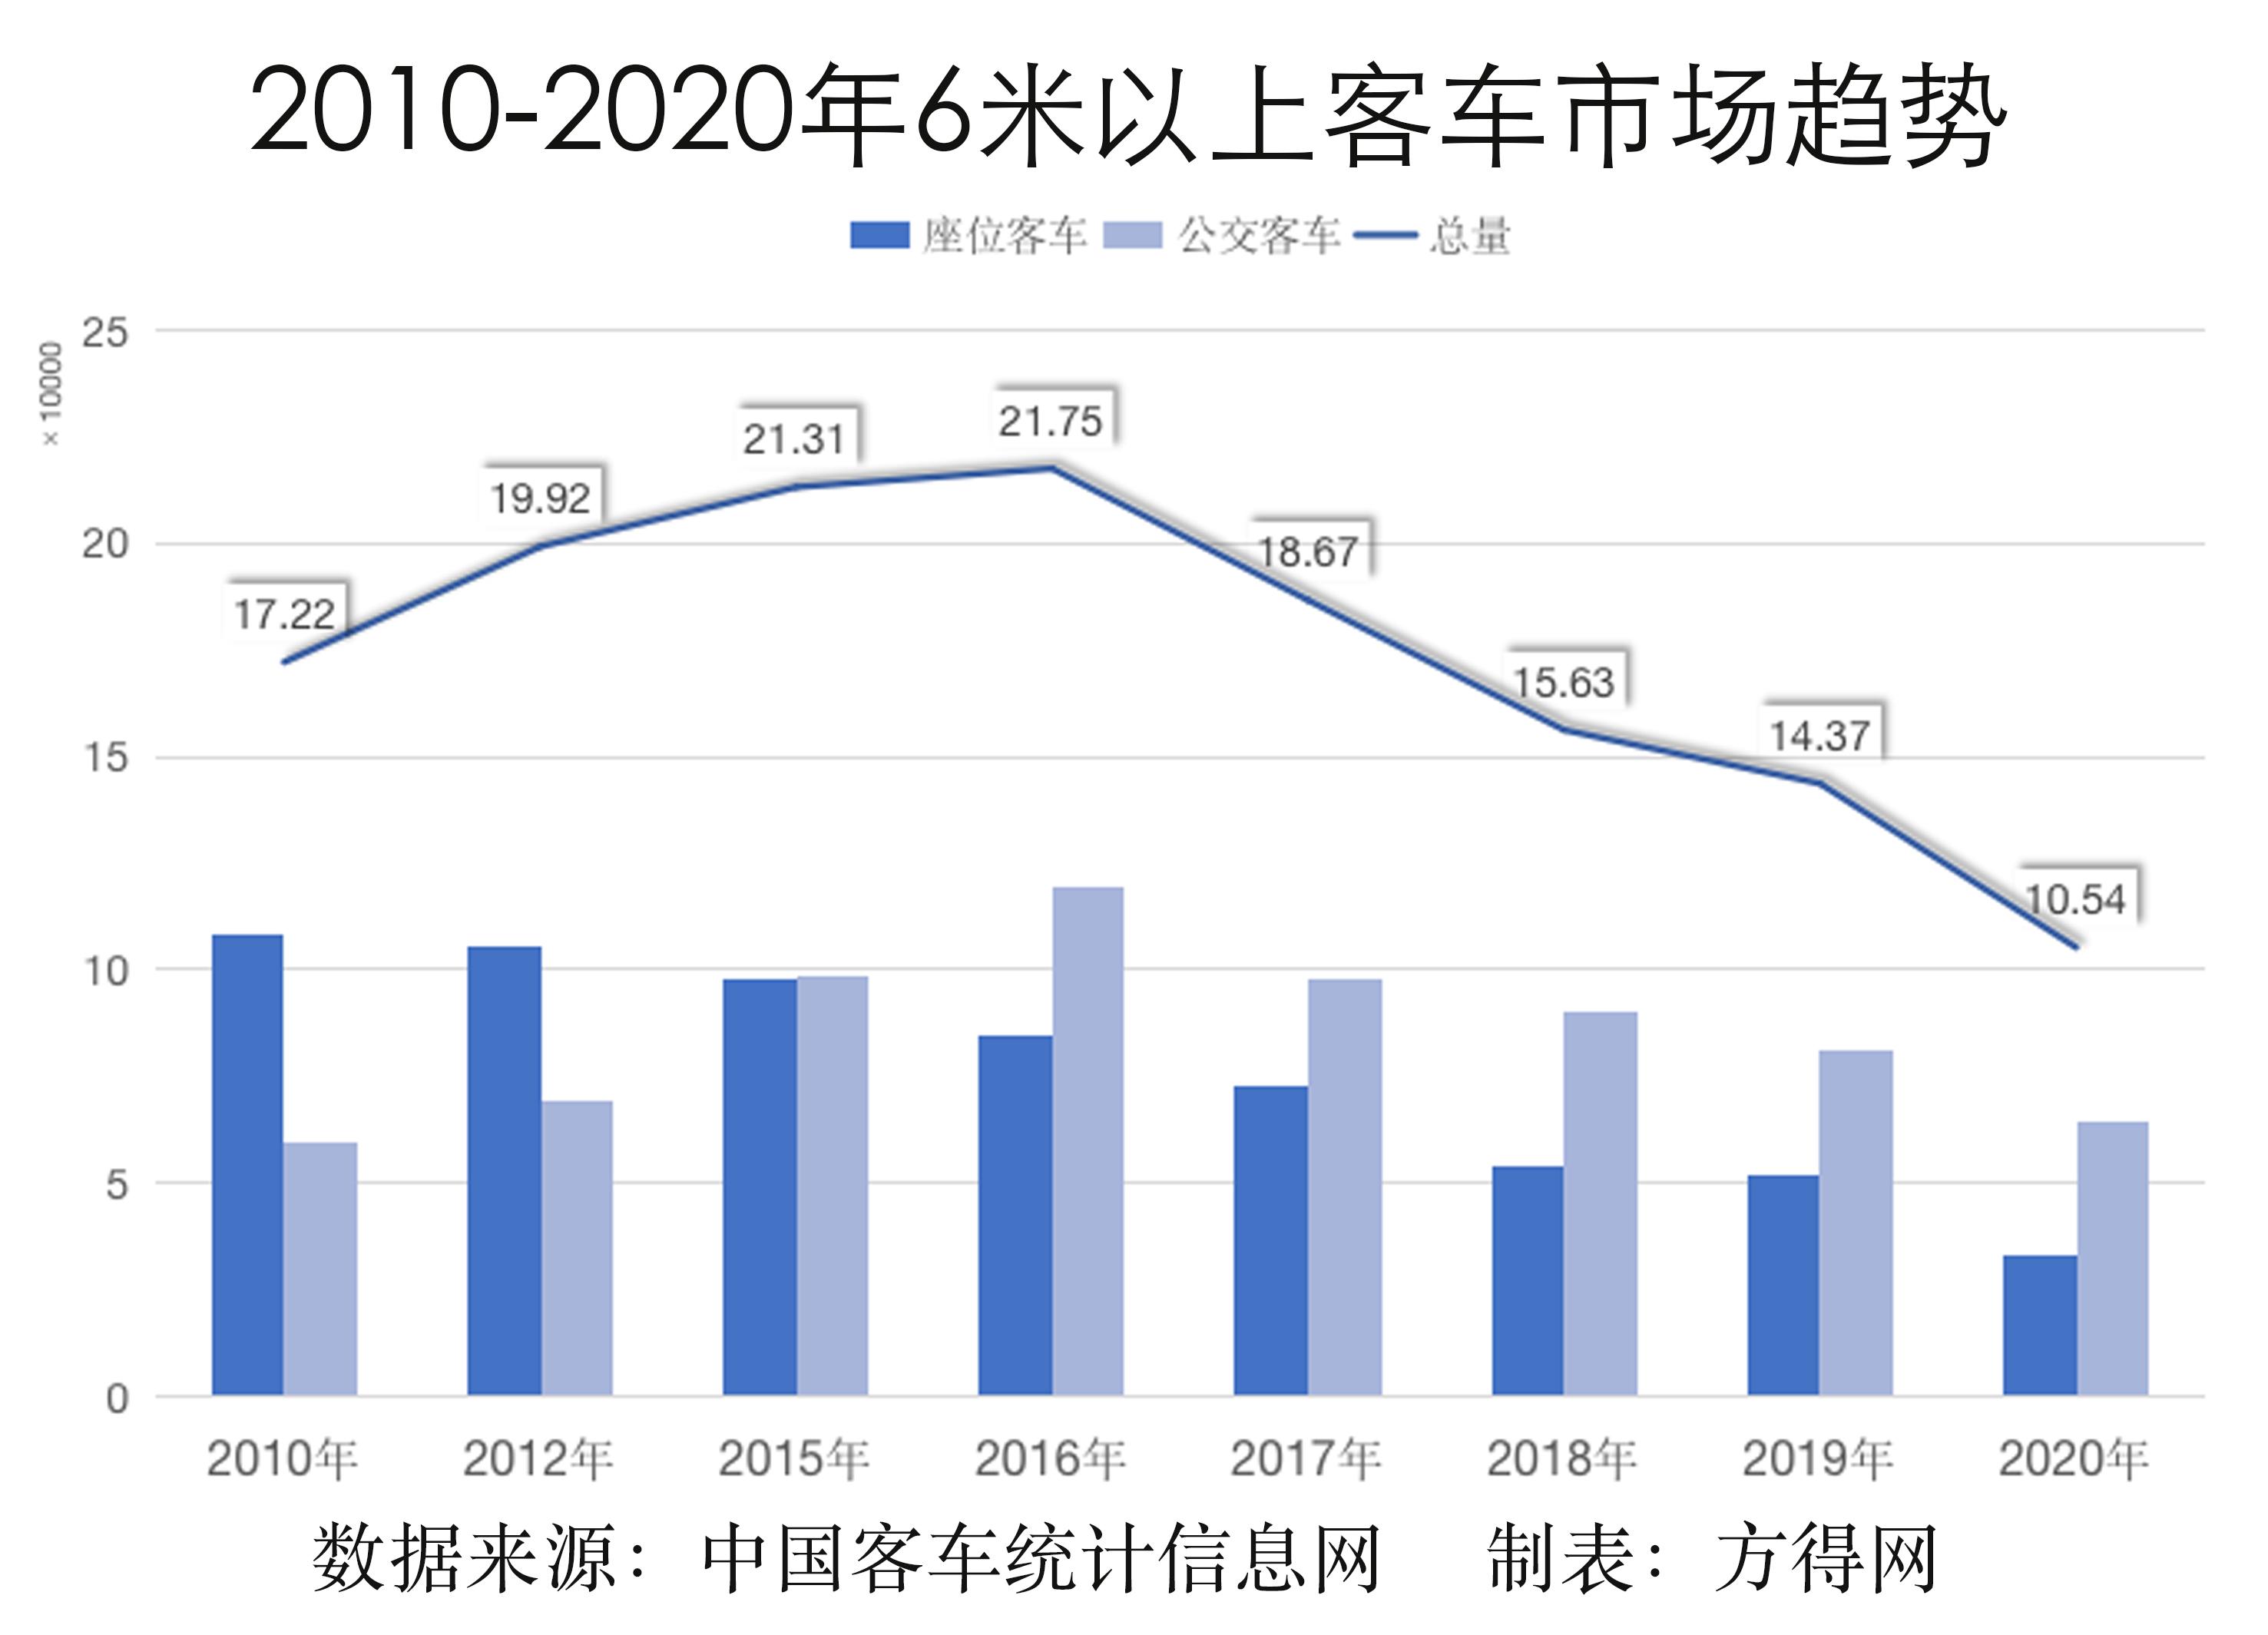 2010-2020市场趋势